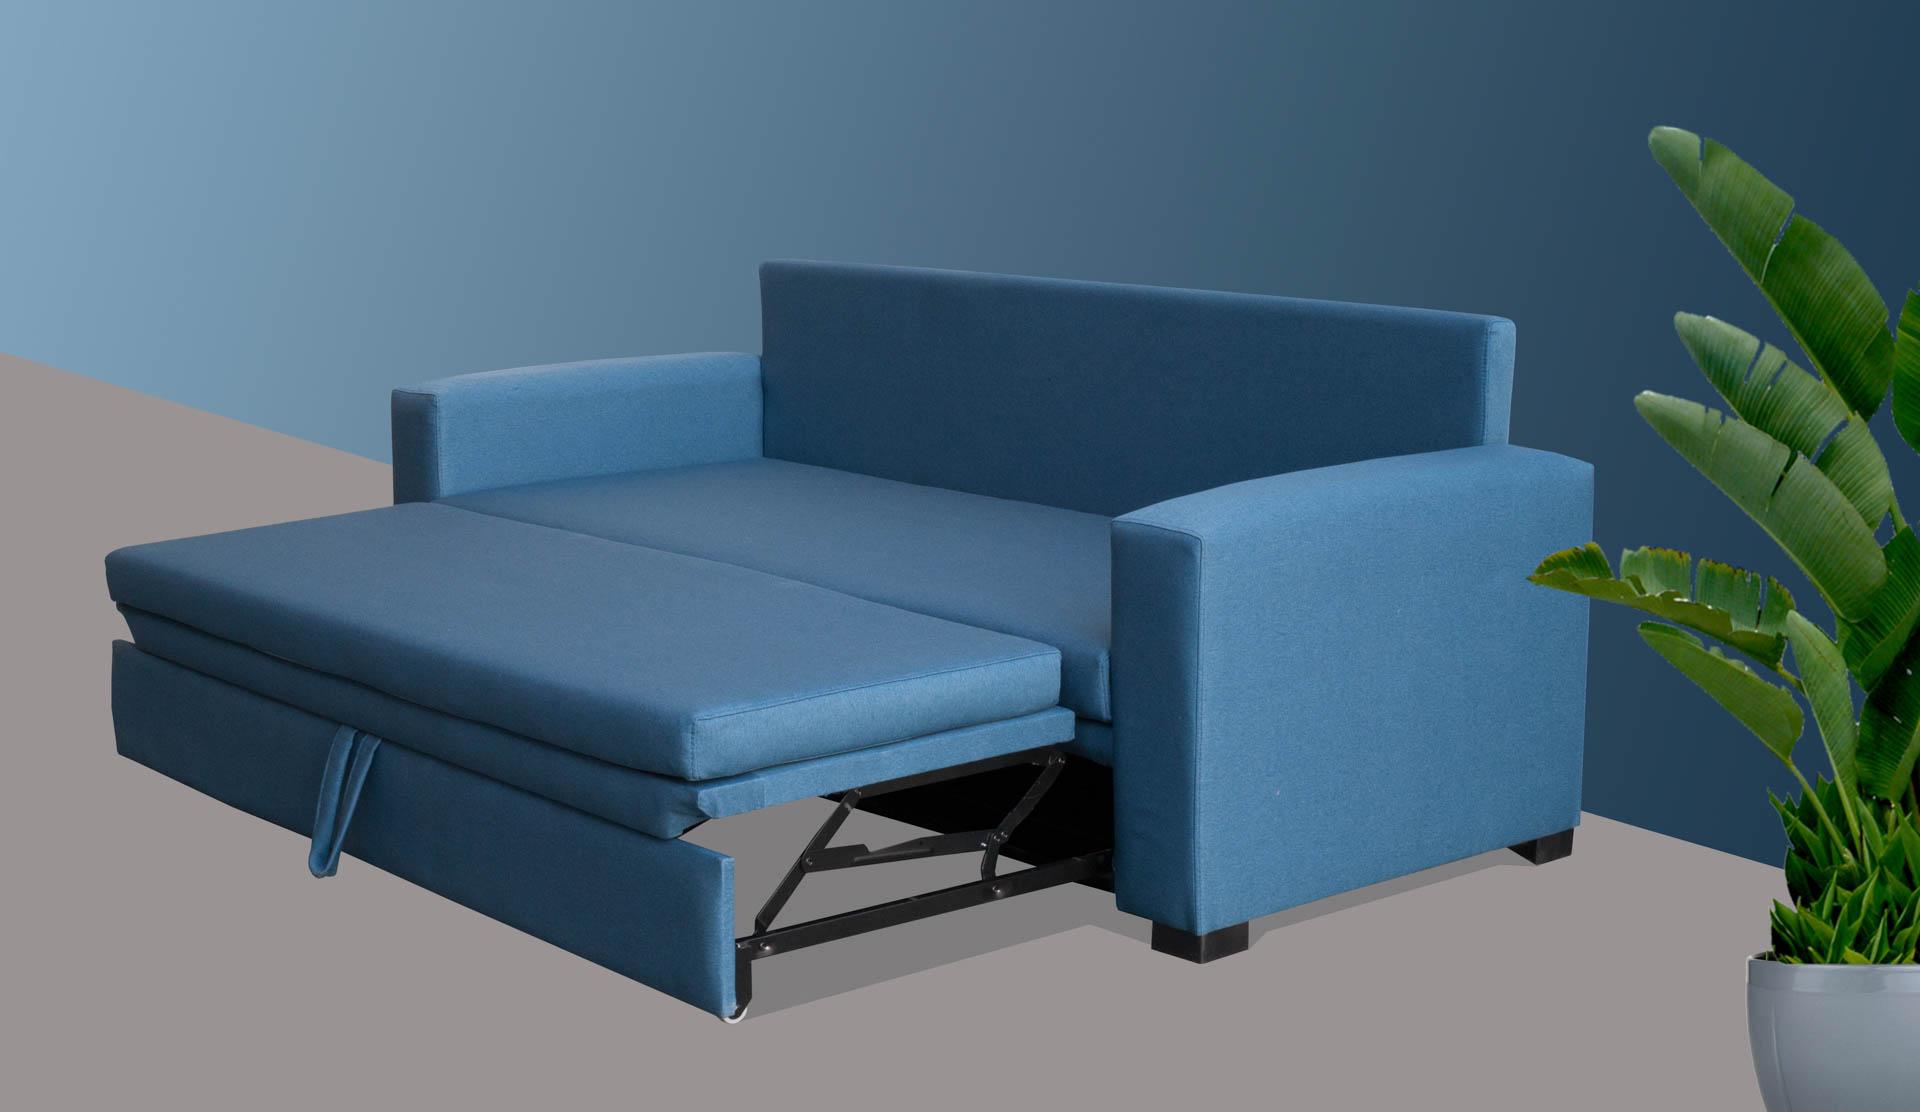 Sofá cama hospitalario para uso intensivo